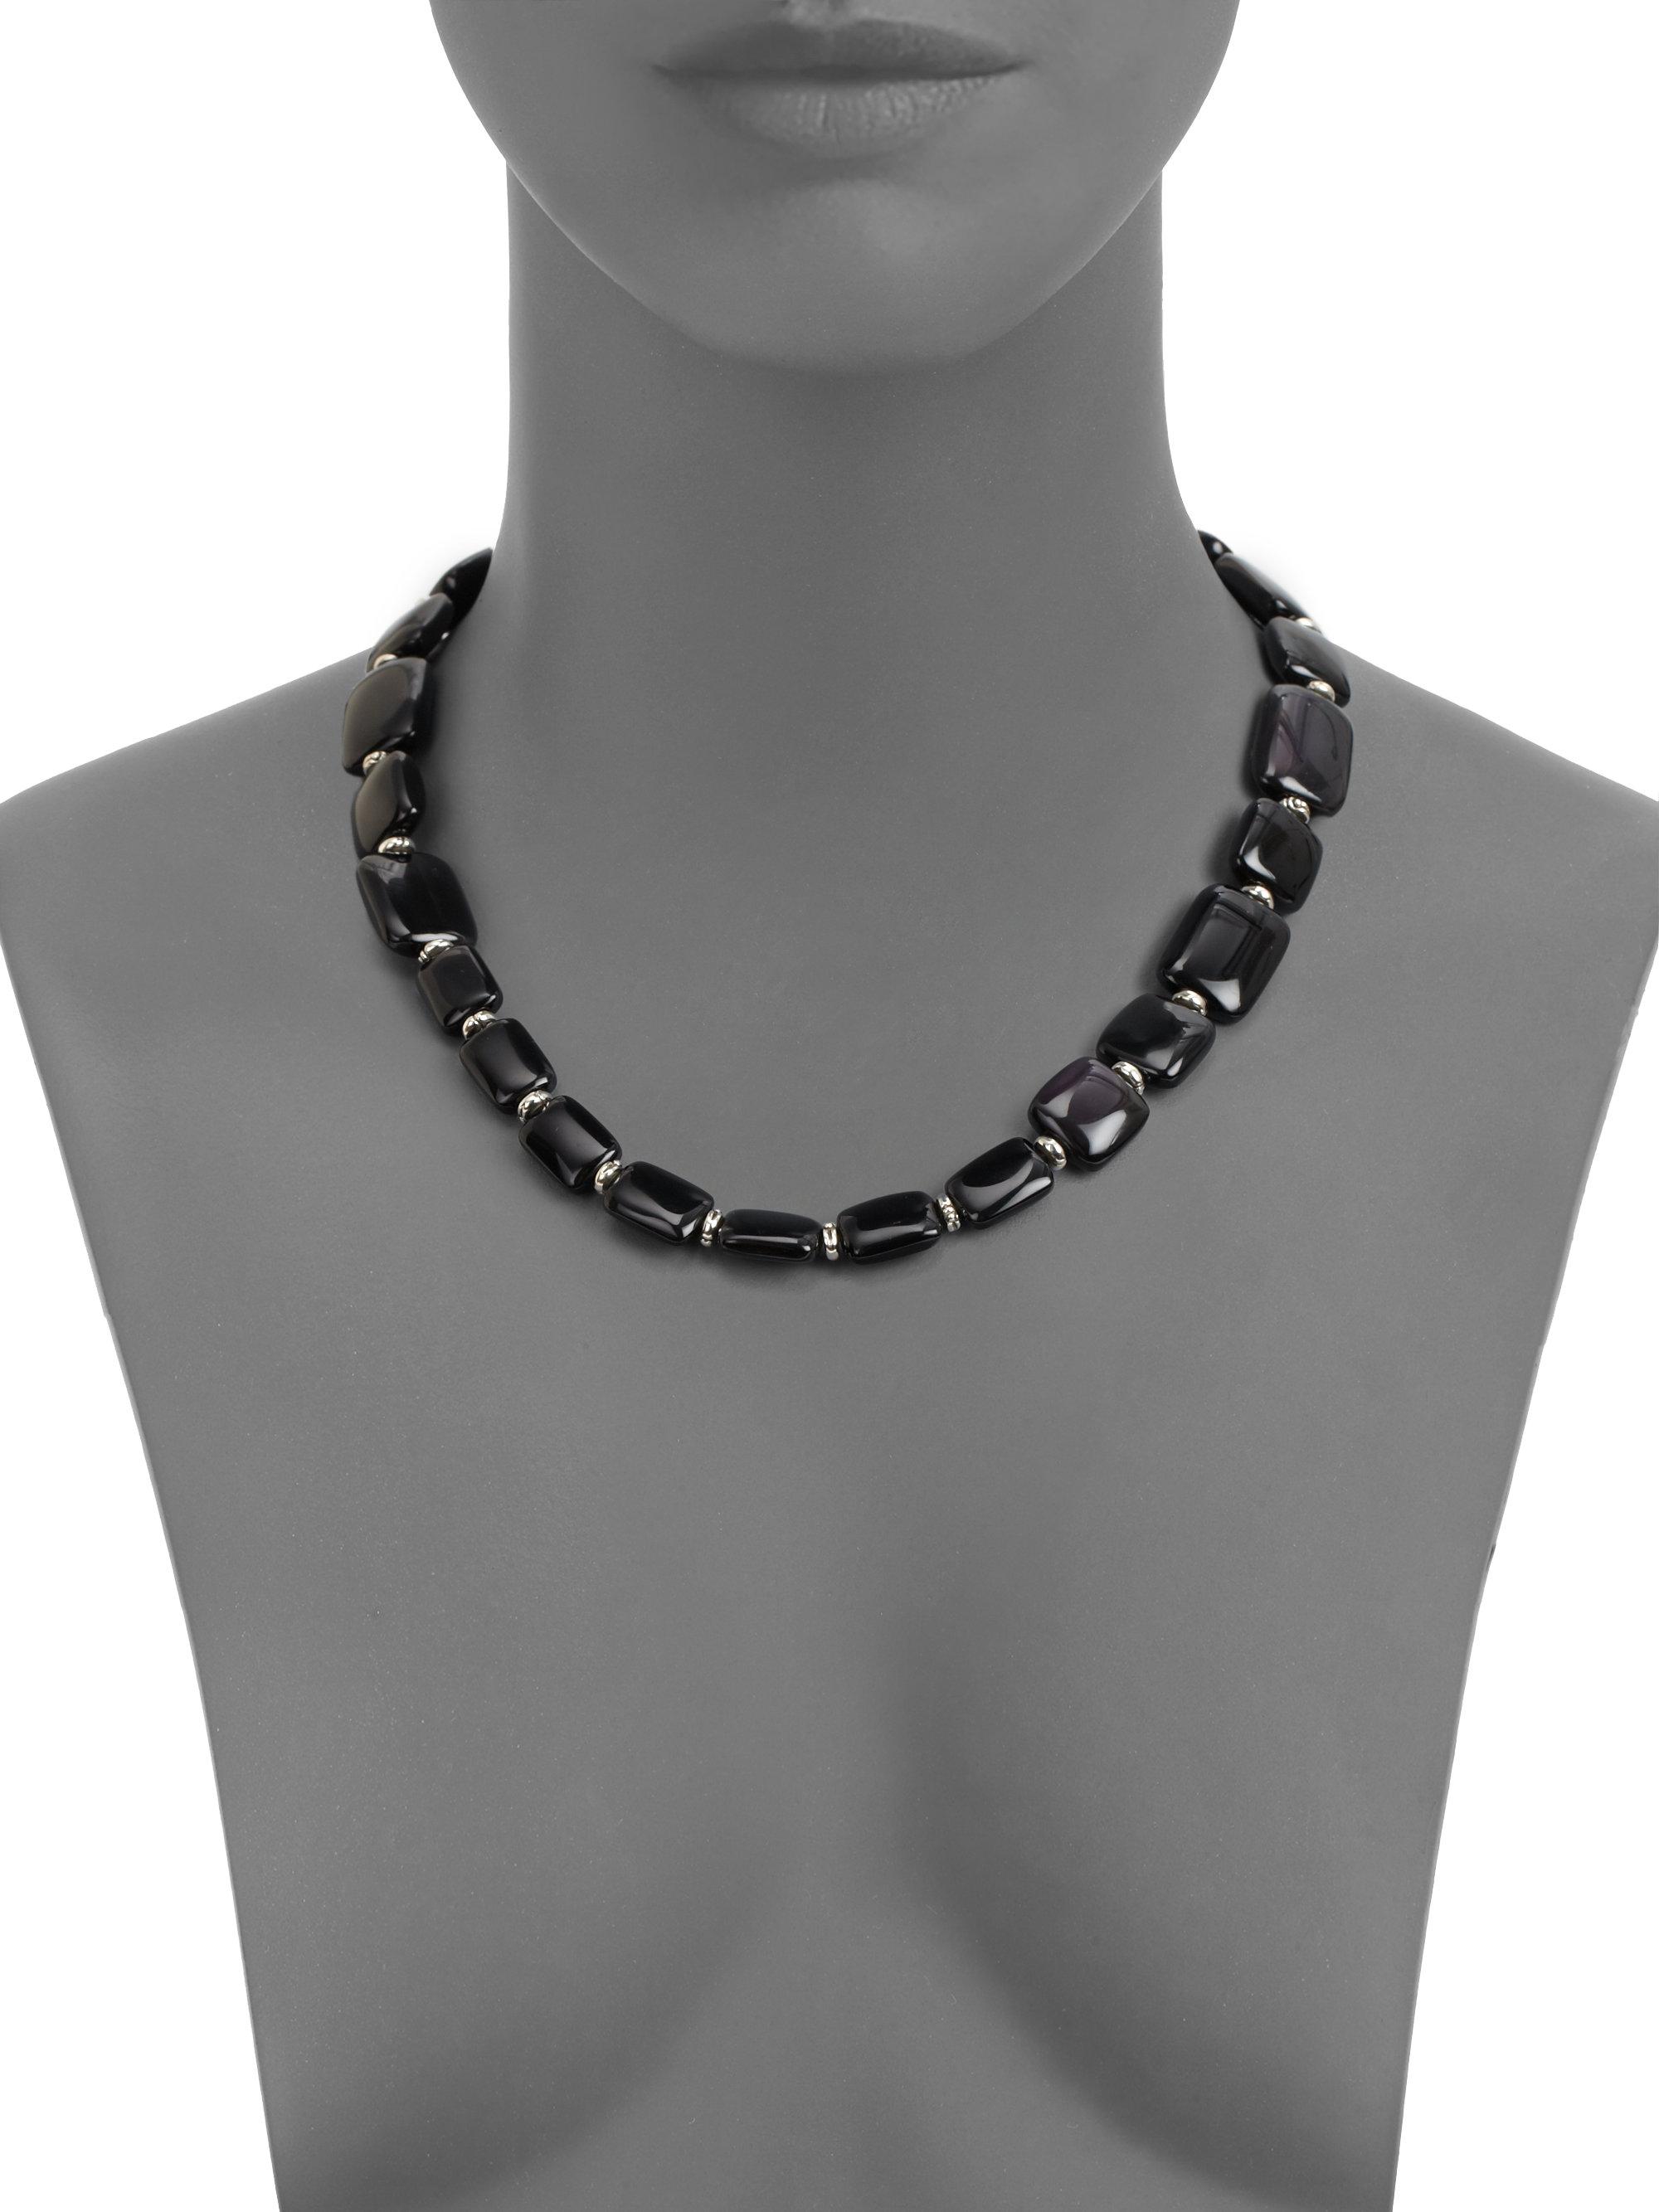 5cec7b3ecc769 John Hardy Black Obsidian Black Sapphire Sterling Silver Necklace